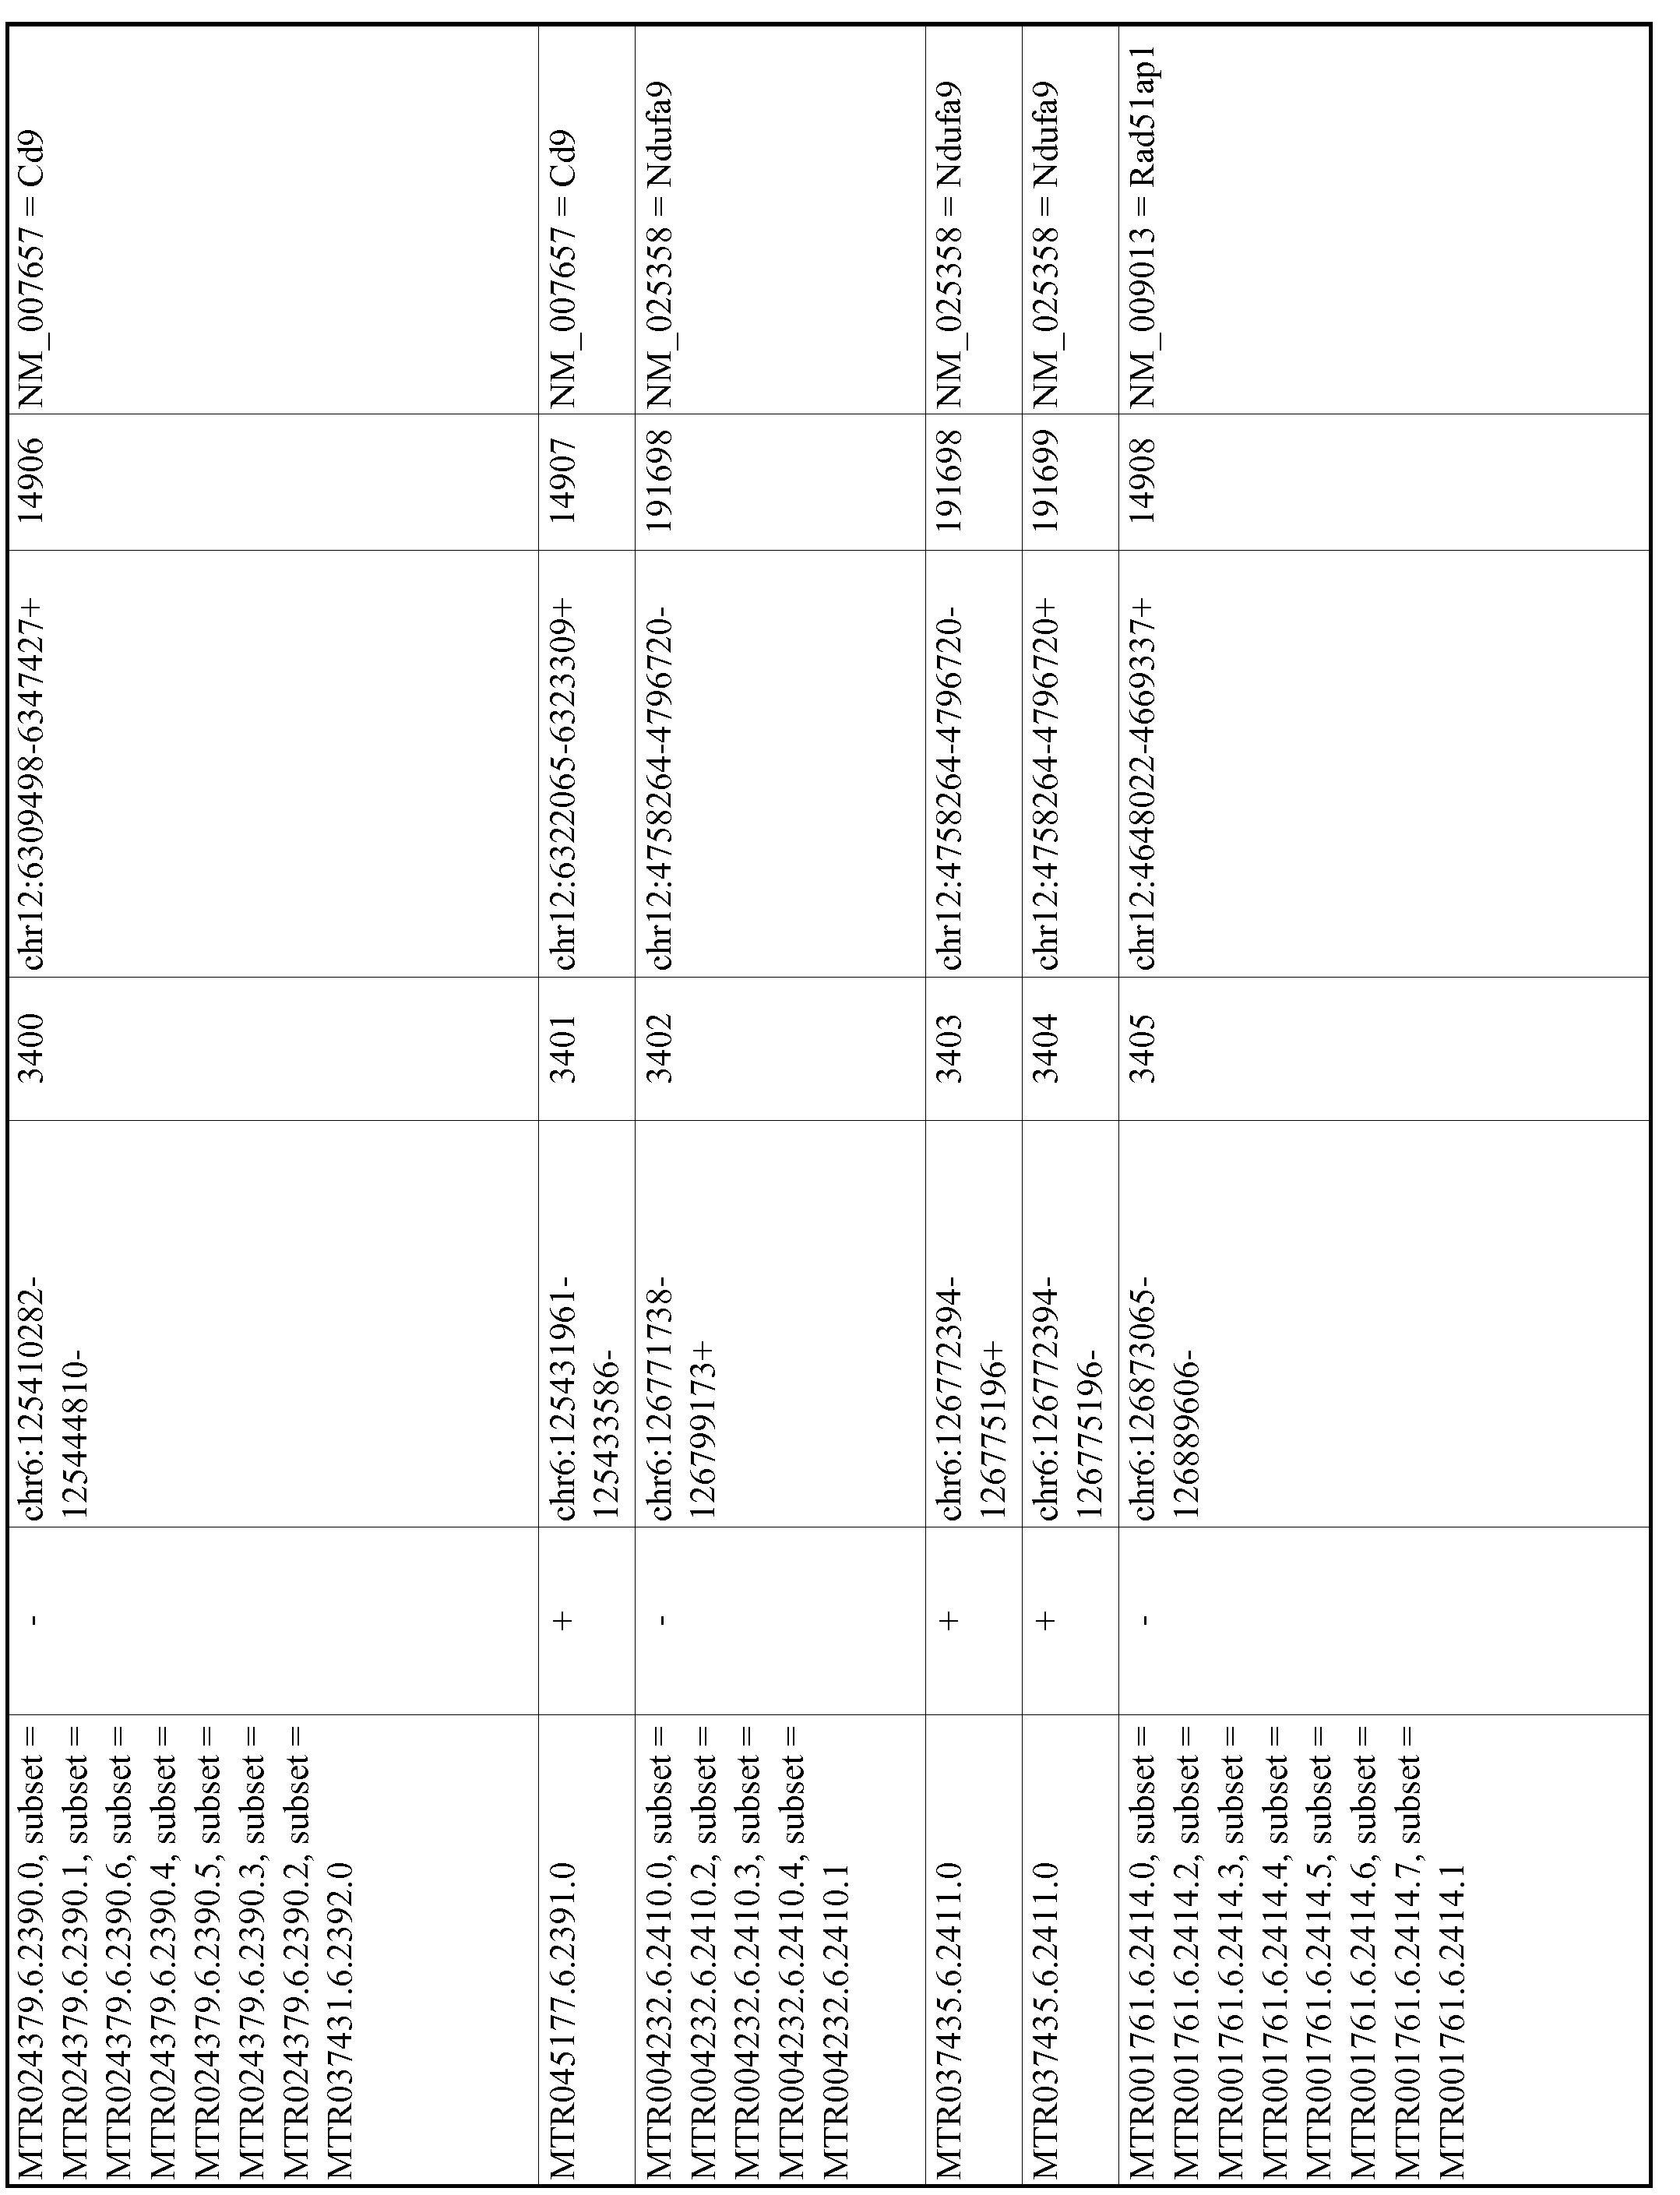 Figure imgf000674_0001